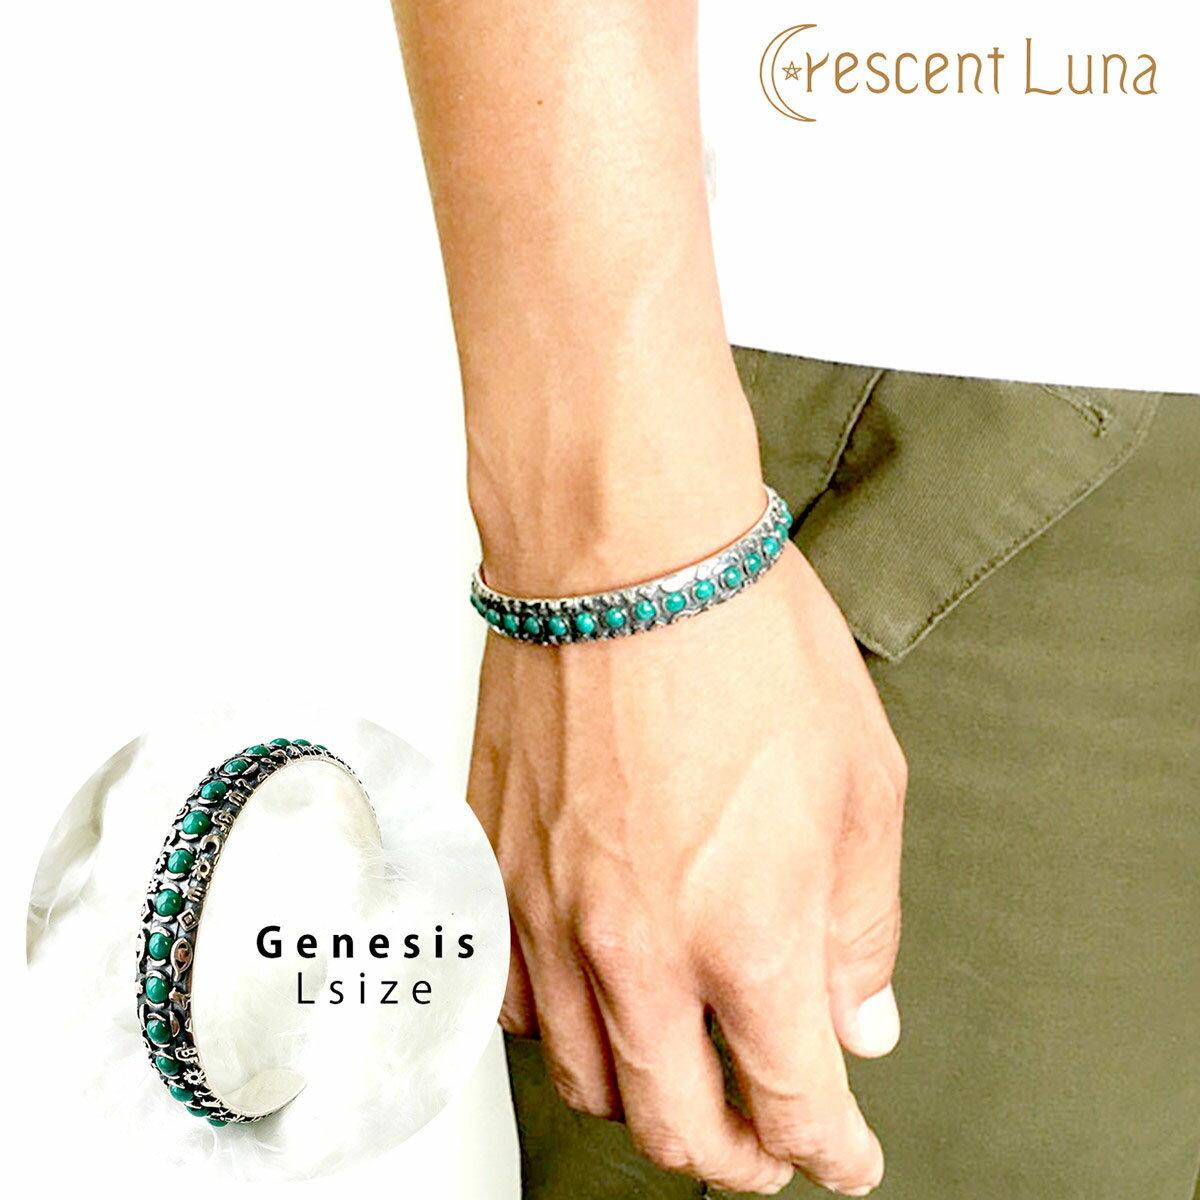 送料無料!CRESCENT LUNA(クレセントルナ) -Genesis- ブレスレット Lサイズ【/アクセサリー/メンズ/レディース